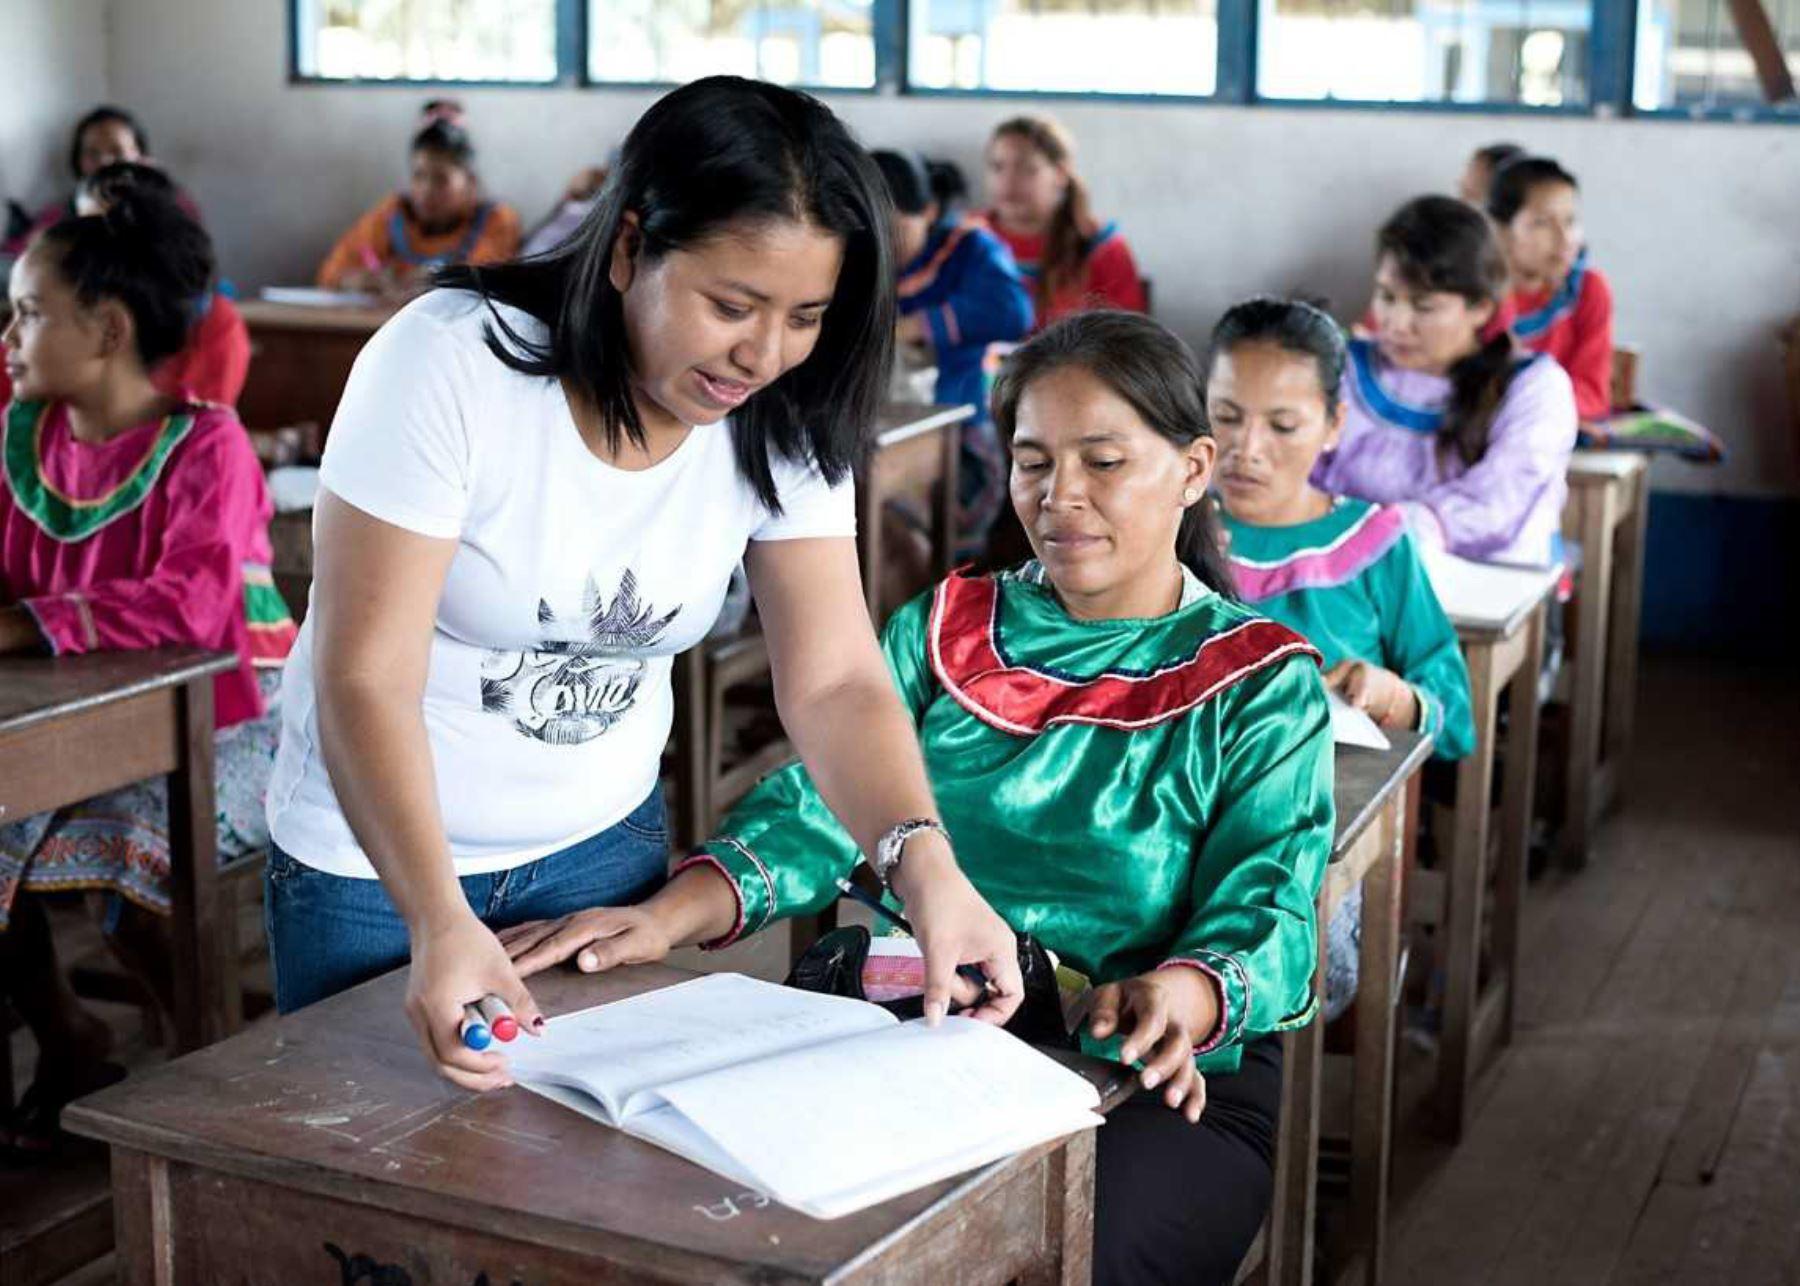 El Perú cuenta con 517 servidores públicos certificados como expertos en lenguas originarias, lo que está permitiendo que aquellos connacionales que solo se comunican en su lengua materna, sea esta indígena o amazónica, accedan a diversos servicios del Estado, informó el Sistema Nacional de Evaluación, Acreditación y Certificación de la Calidad Educativa (Sineace).